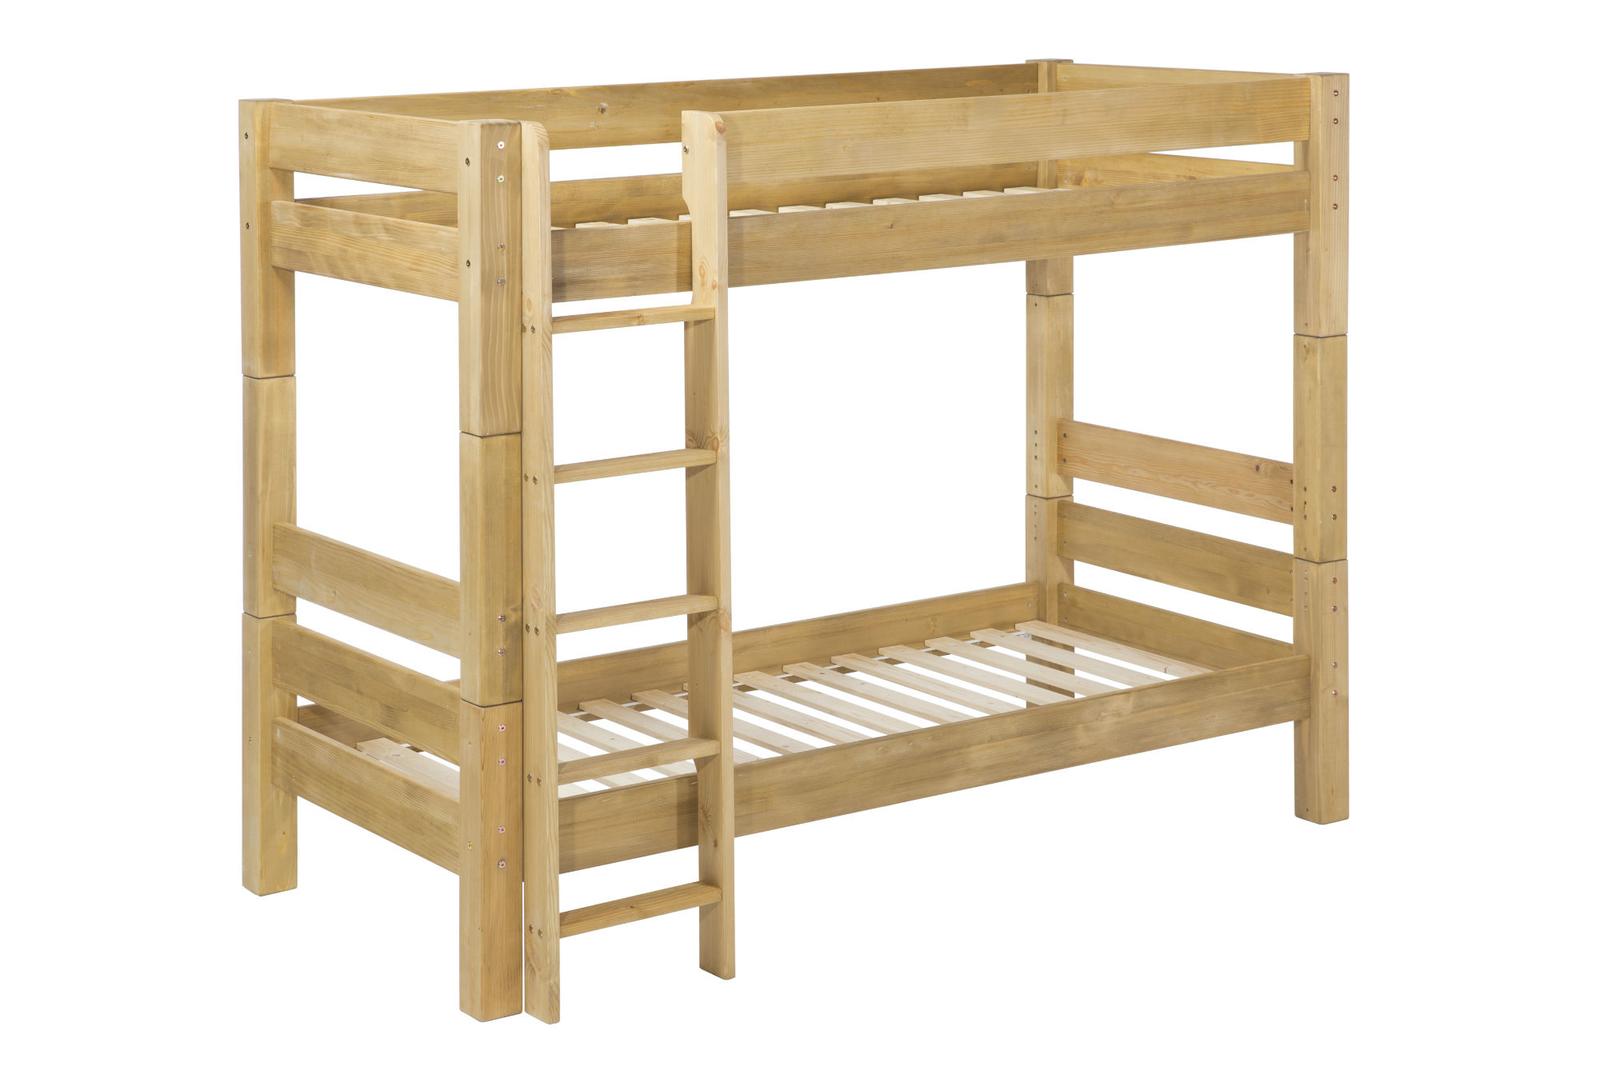 Etagenbetten Günstig : Praktische etagenbetten für kinder günstig kaufen